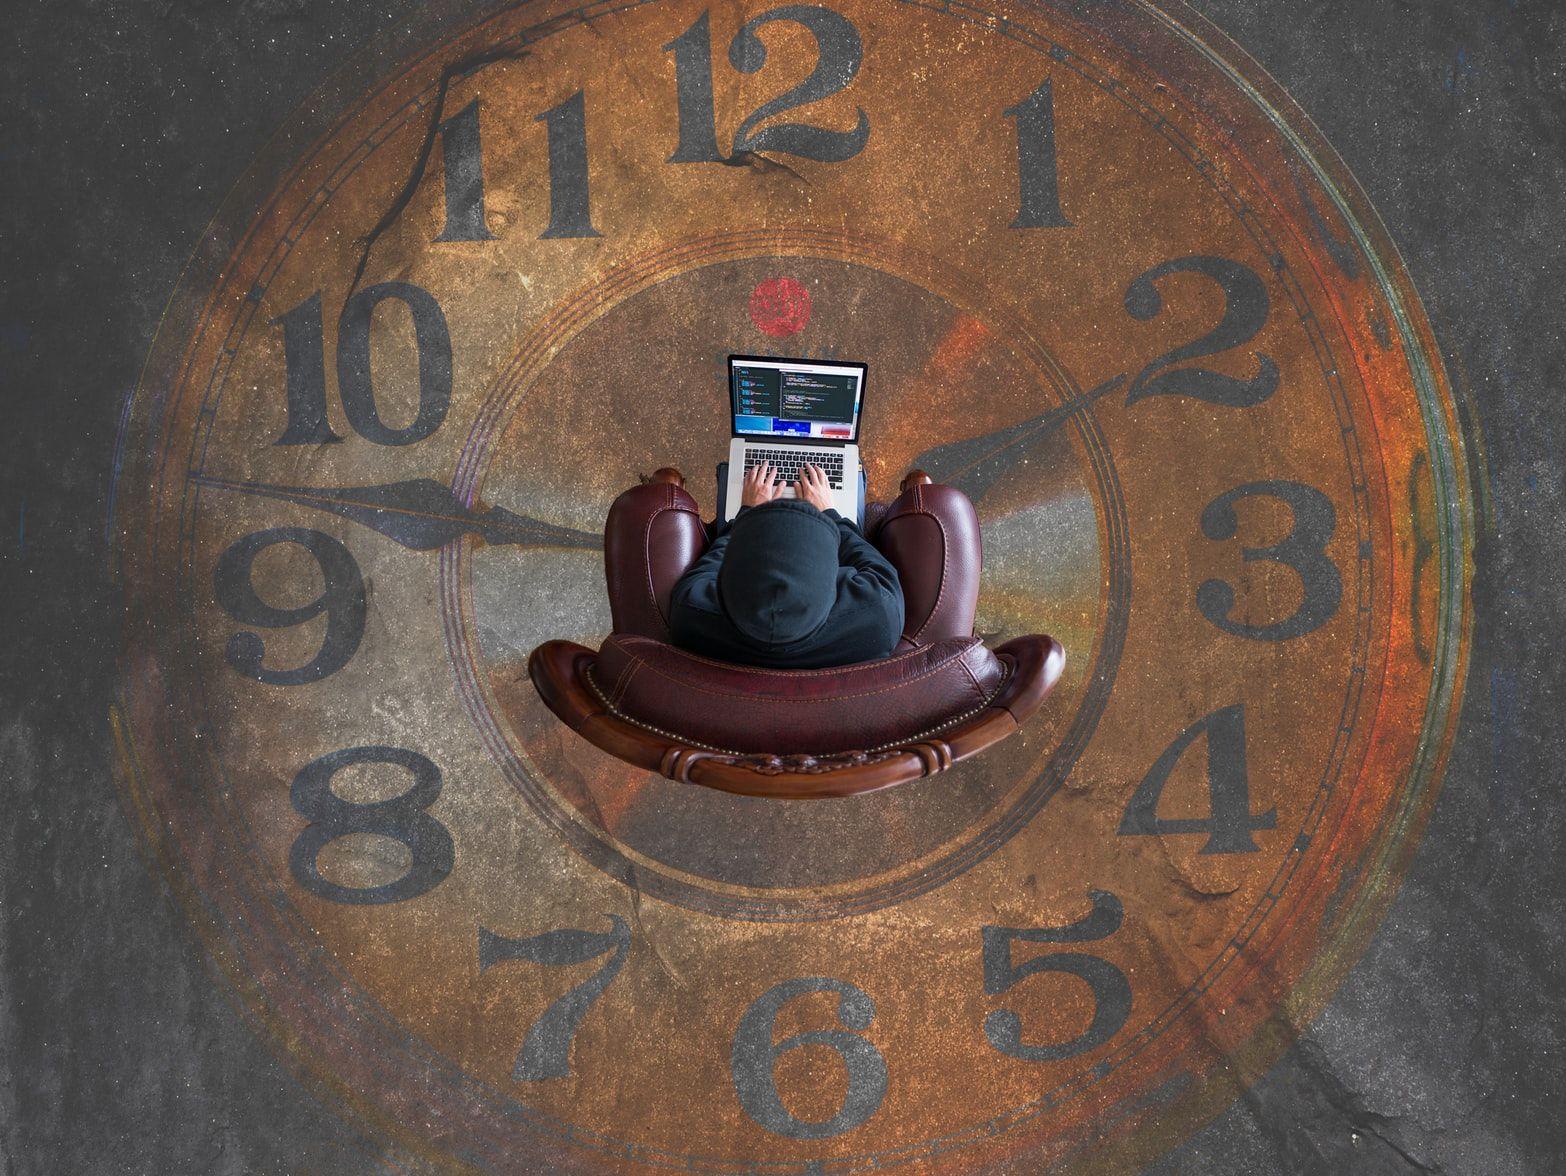 Время на рабочем месте